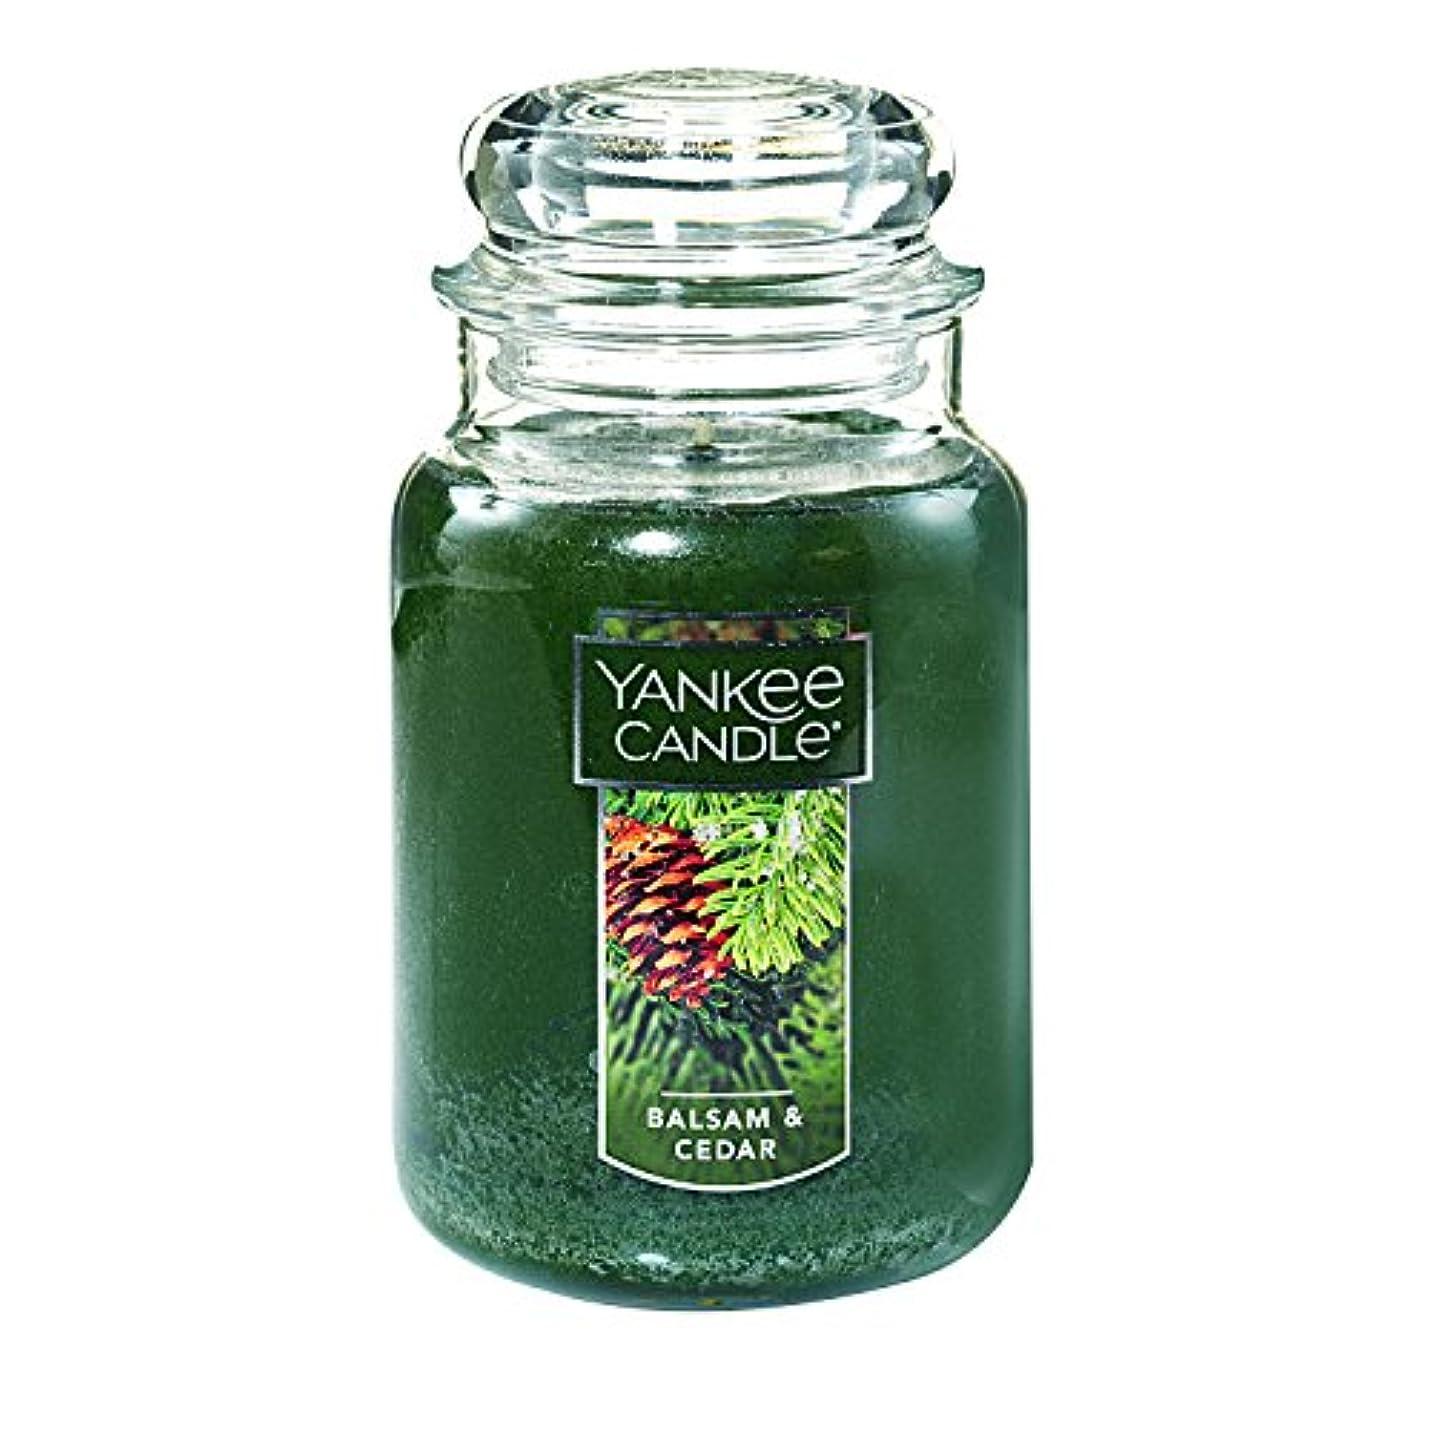 細い彼は船酔い(ヤンキーキャンドル) Yankee Candle ラージ 22オンス ジャーキャンドル バルサム&シダー Large Jar Candle グリーン 1062314